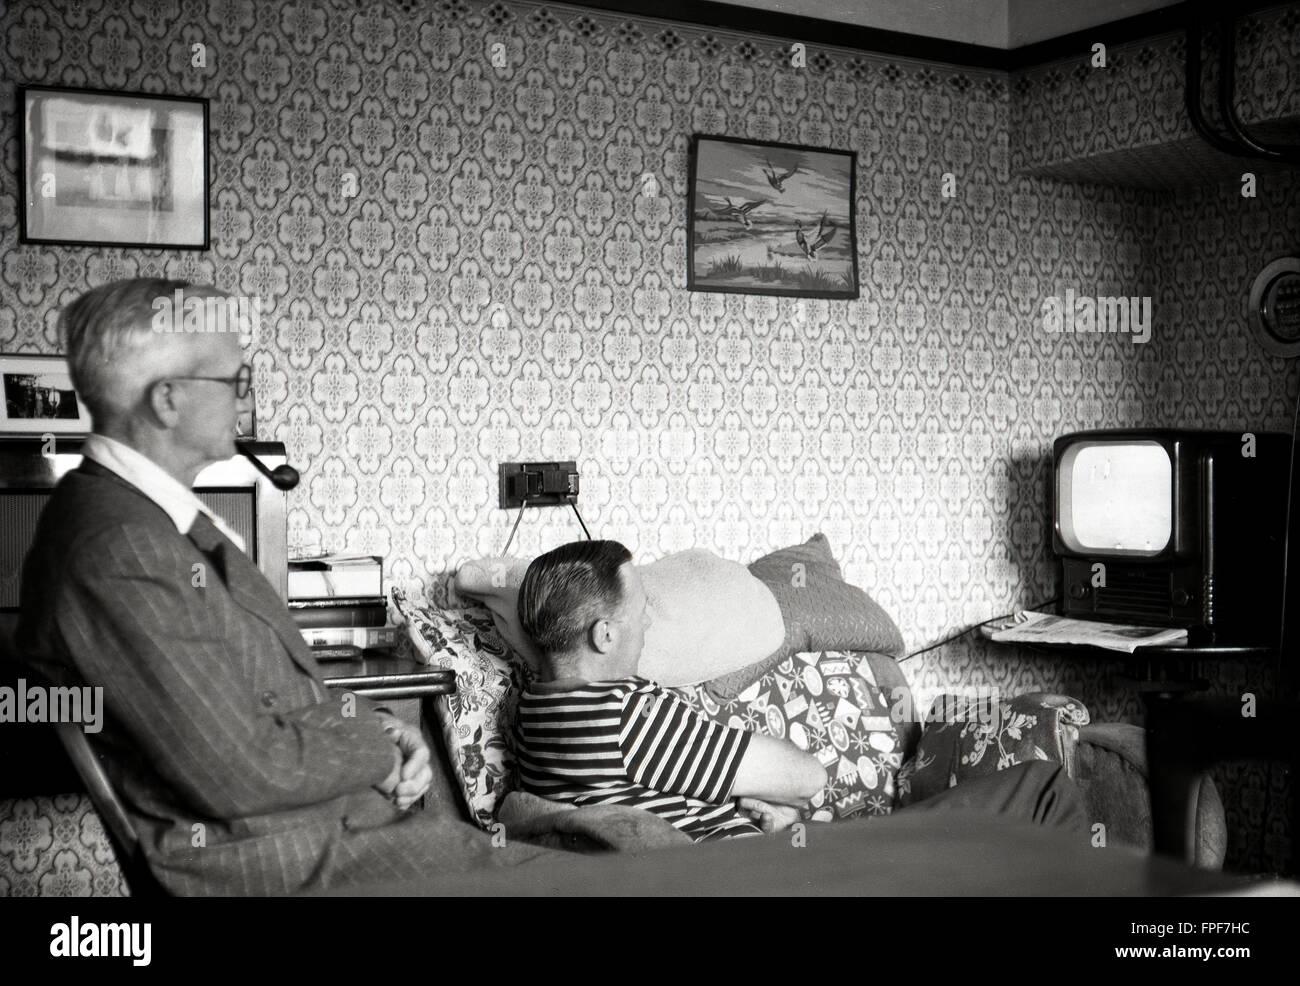 Historique des années 50, père et fils dans la salle avant de ...